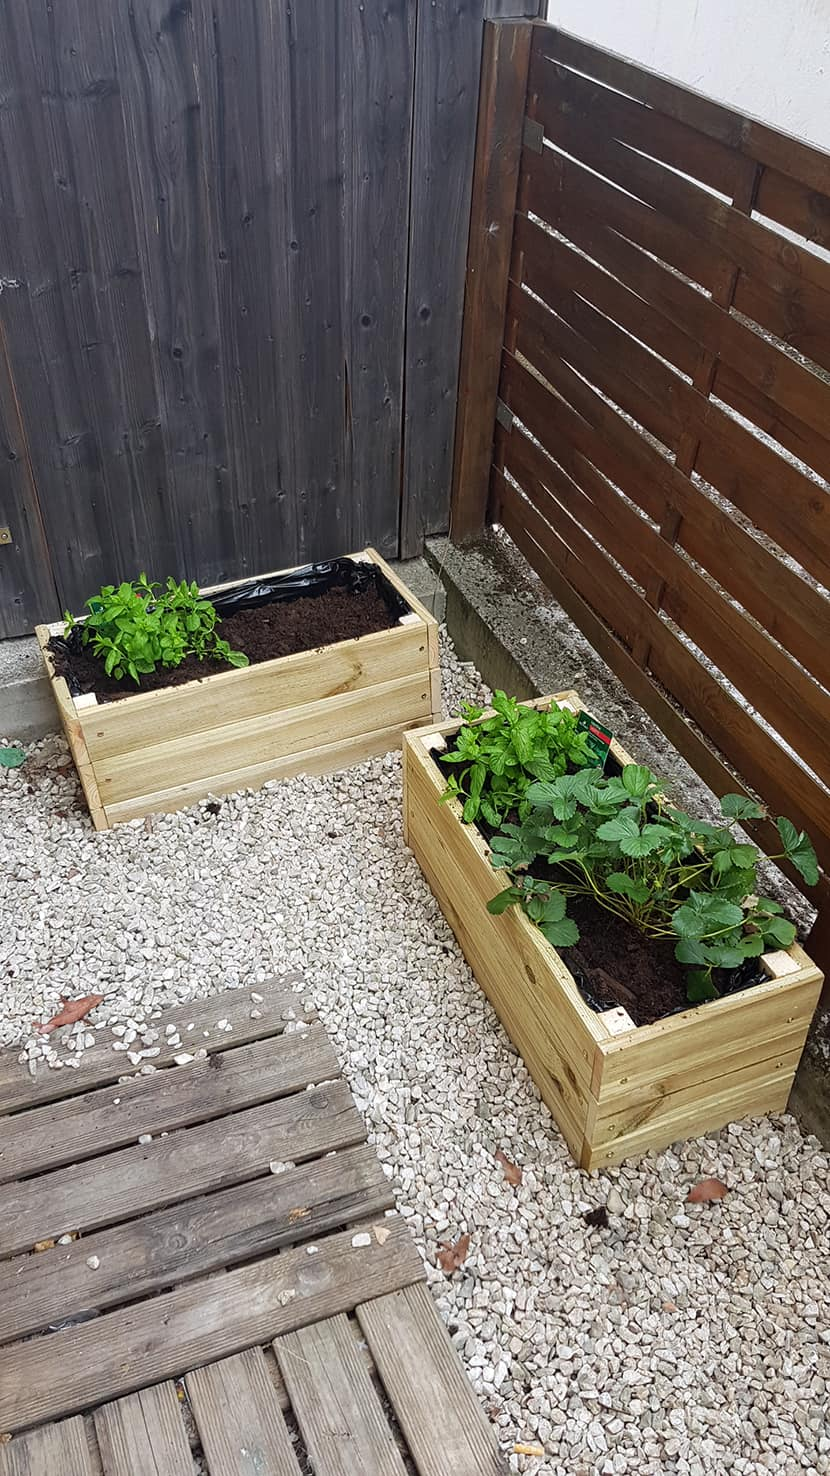 menthe et fraise dans jardiniere jardin - DIY : fabriquer une jardinière en bois pour le jardin